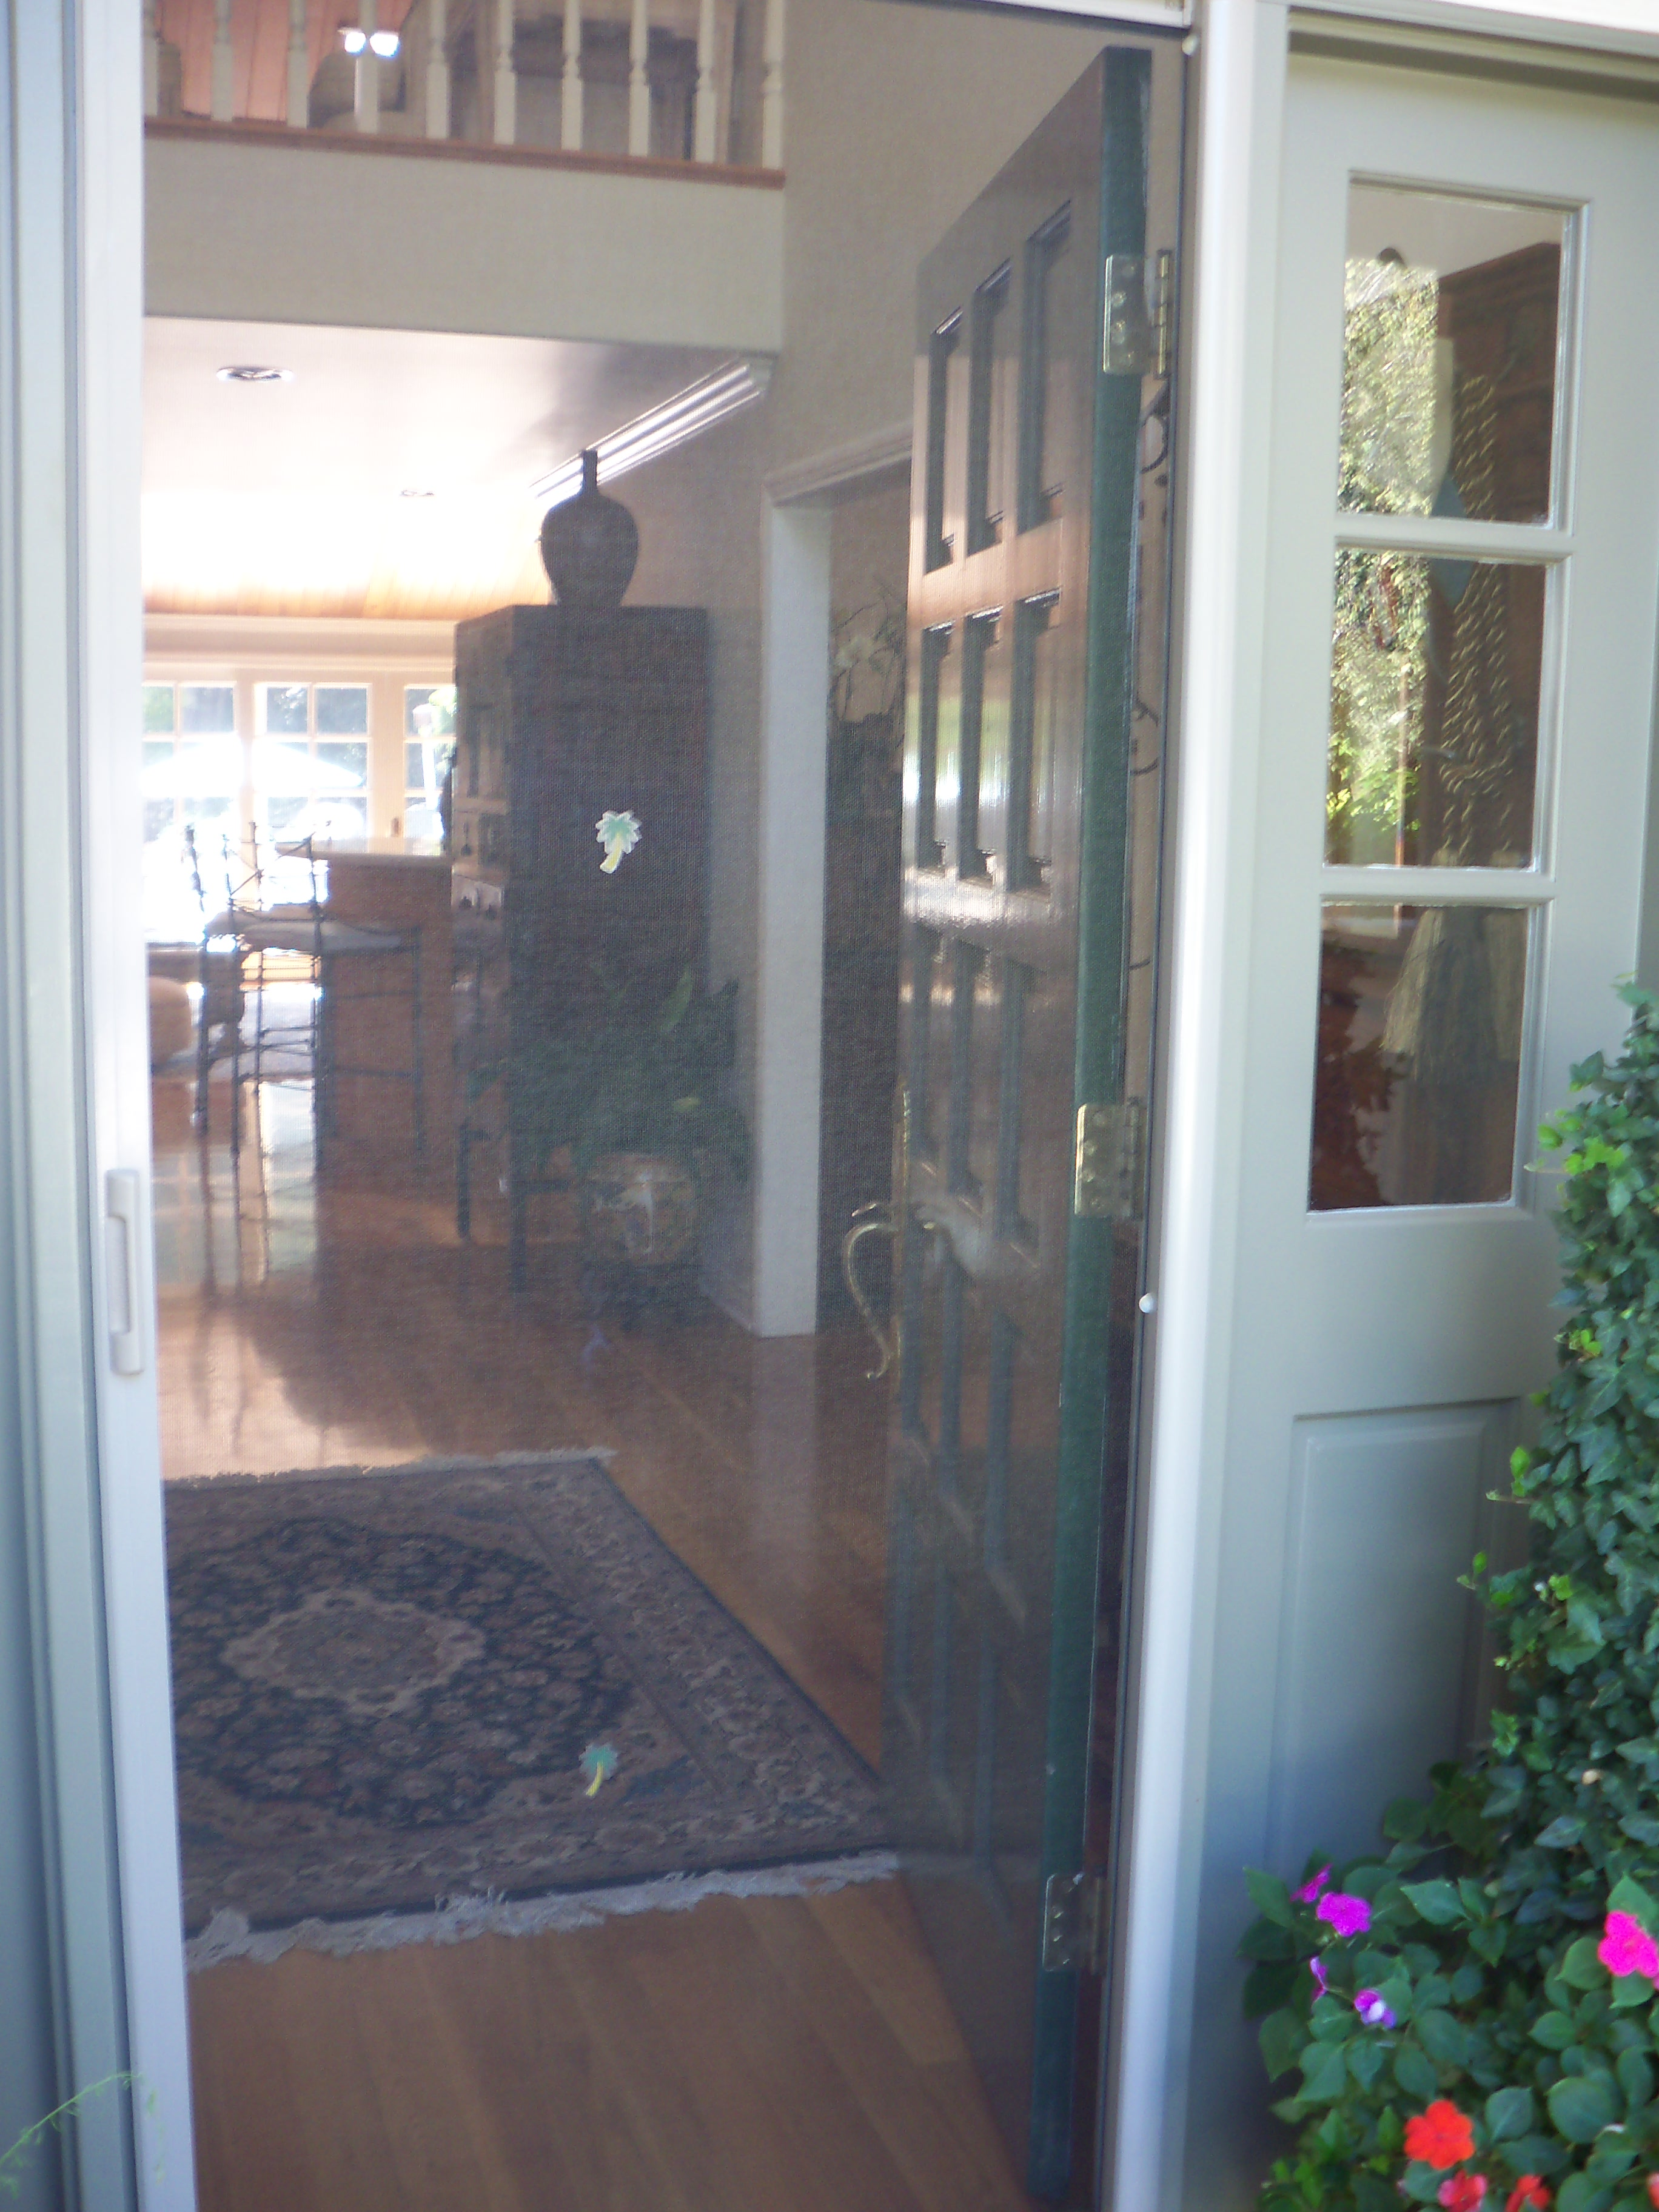 Screen door licensed contractor custom screens for Hidden sliding screen door